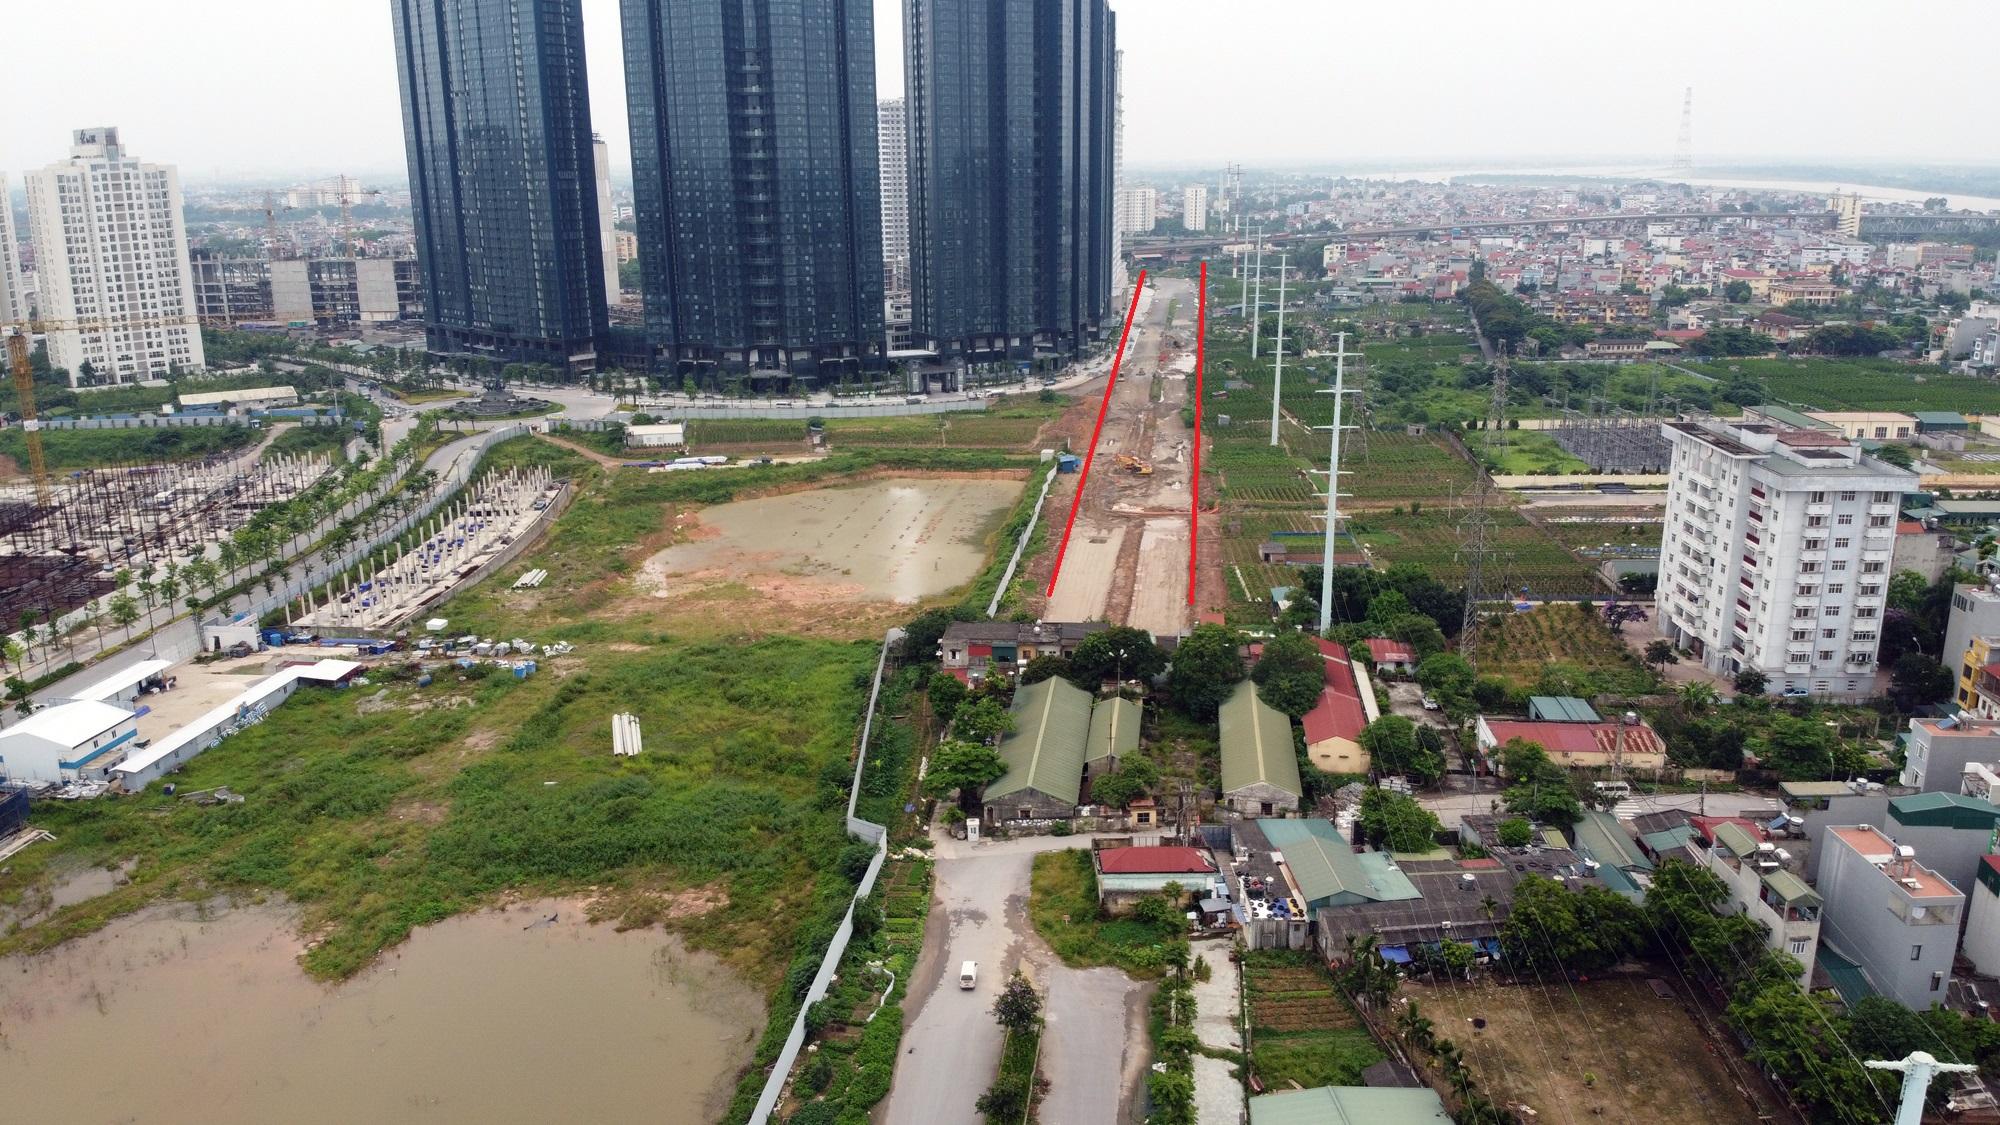 4 đường sẽ mở theo qui hoạch ở phường Đông Ngạc, Bắc Từ Liêm - Ảnh 3.